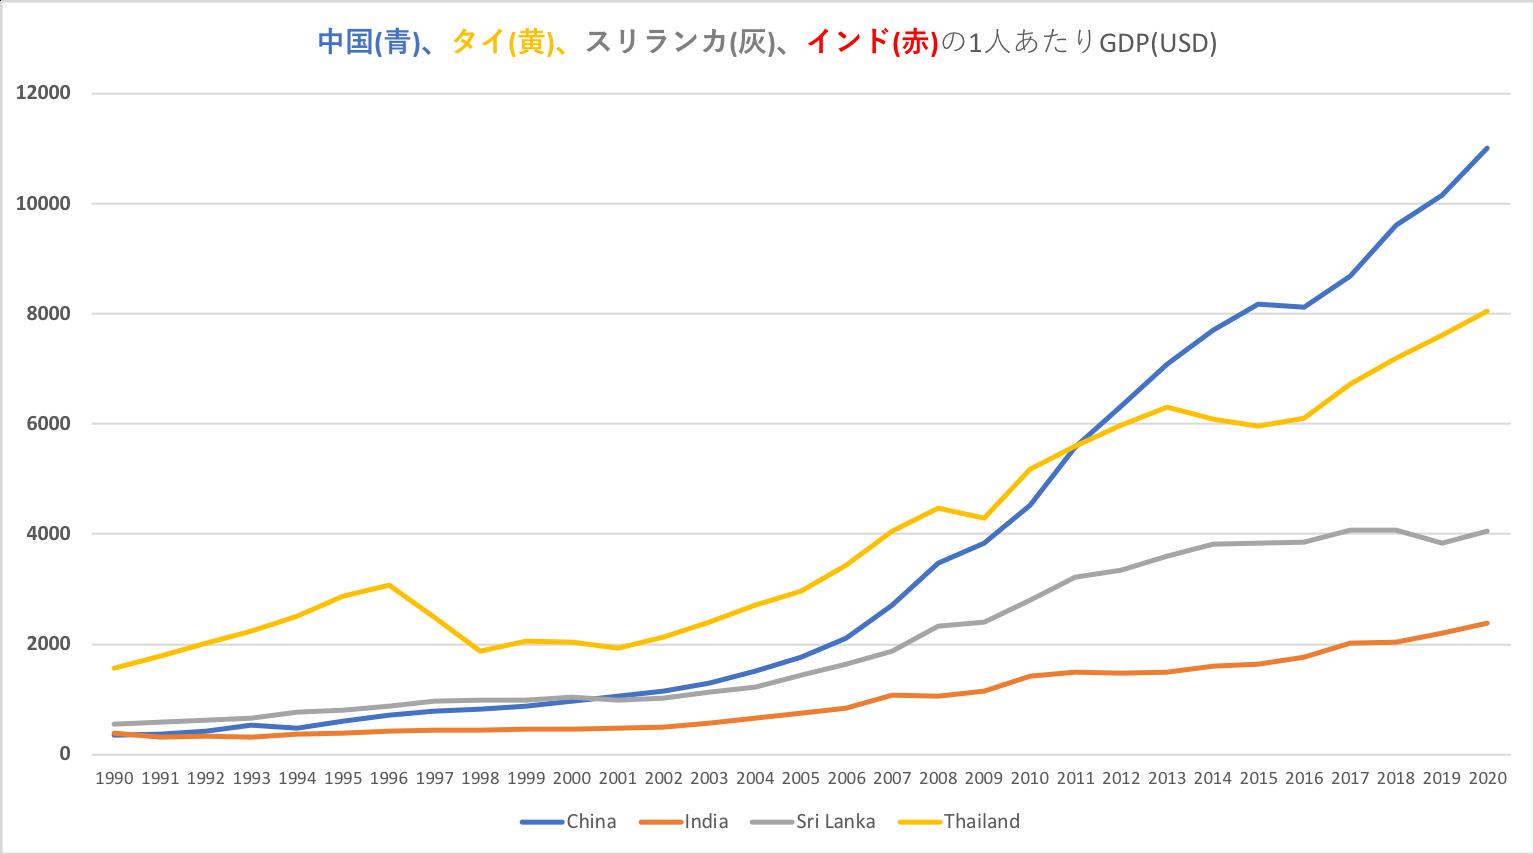 スリランカの一人あたりGDPの推移